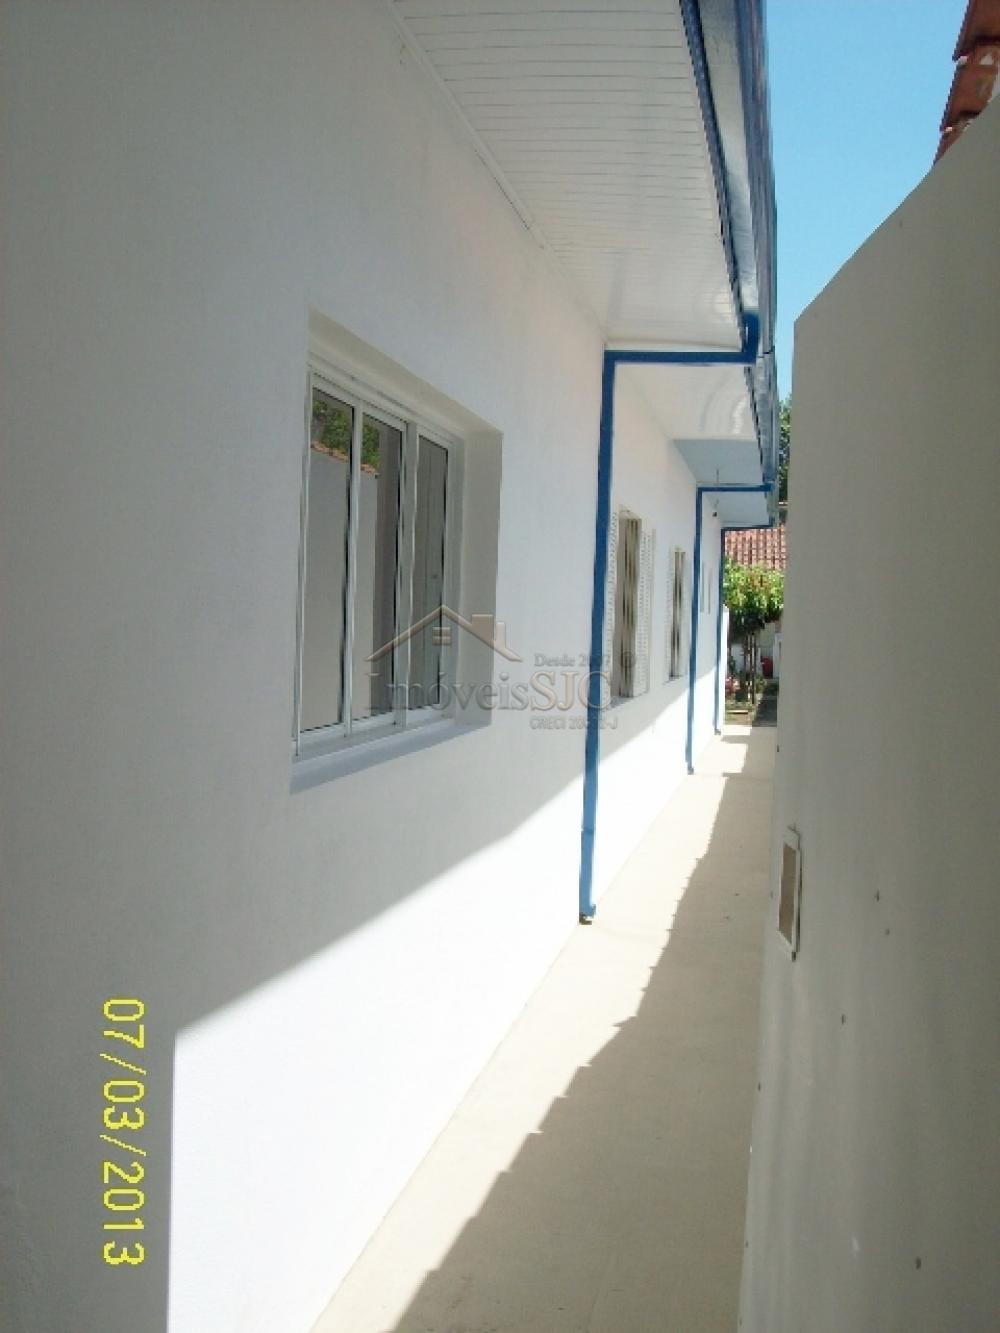 Alugar Comerciais / Casa Comercial em São José dos Campos apenas R$ 6.500,00 - Foto 6